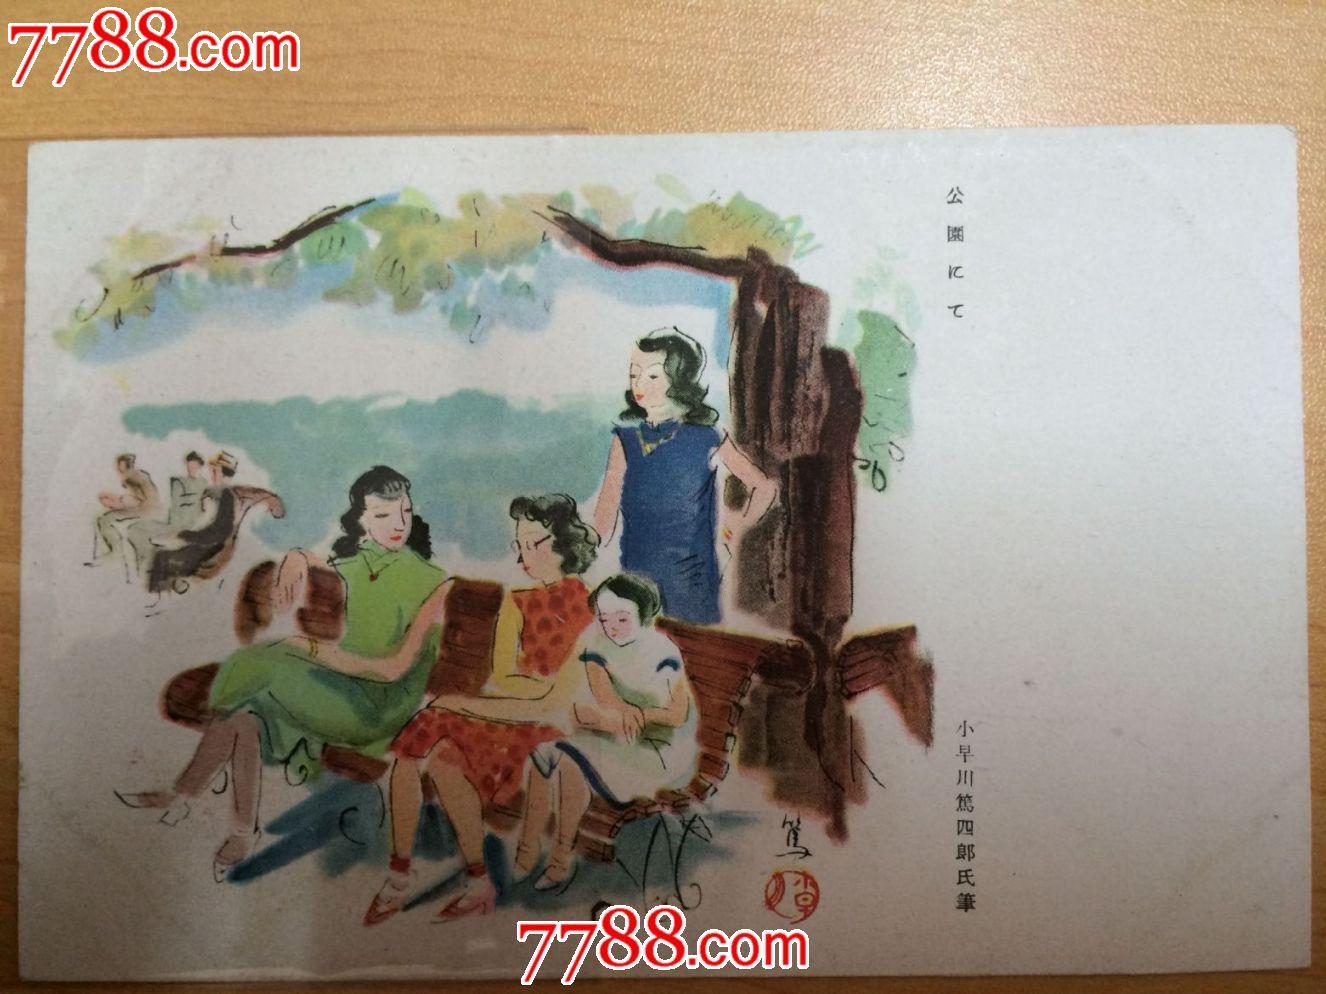 民国时期手绘彩色风俗老明信片公园一景